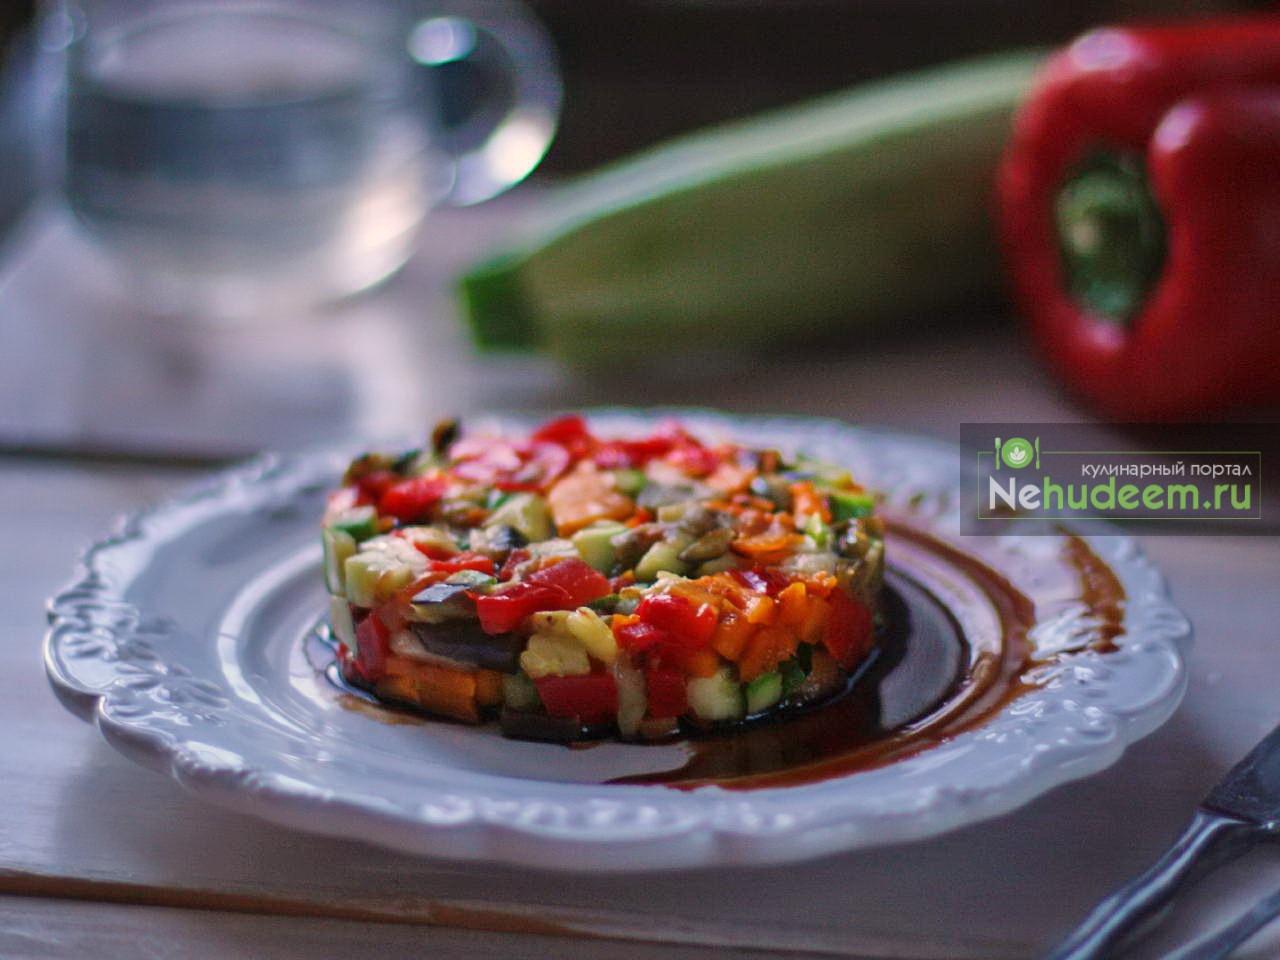 Салат из овощей гриль с бальзамическим соусом